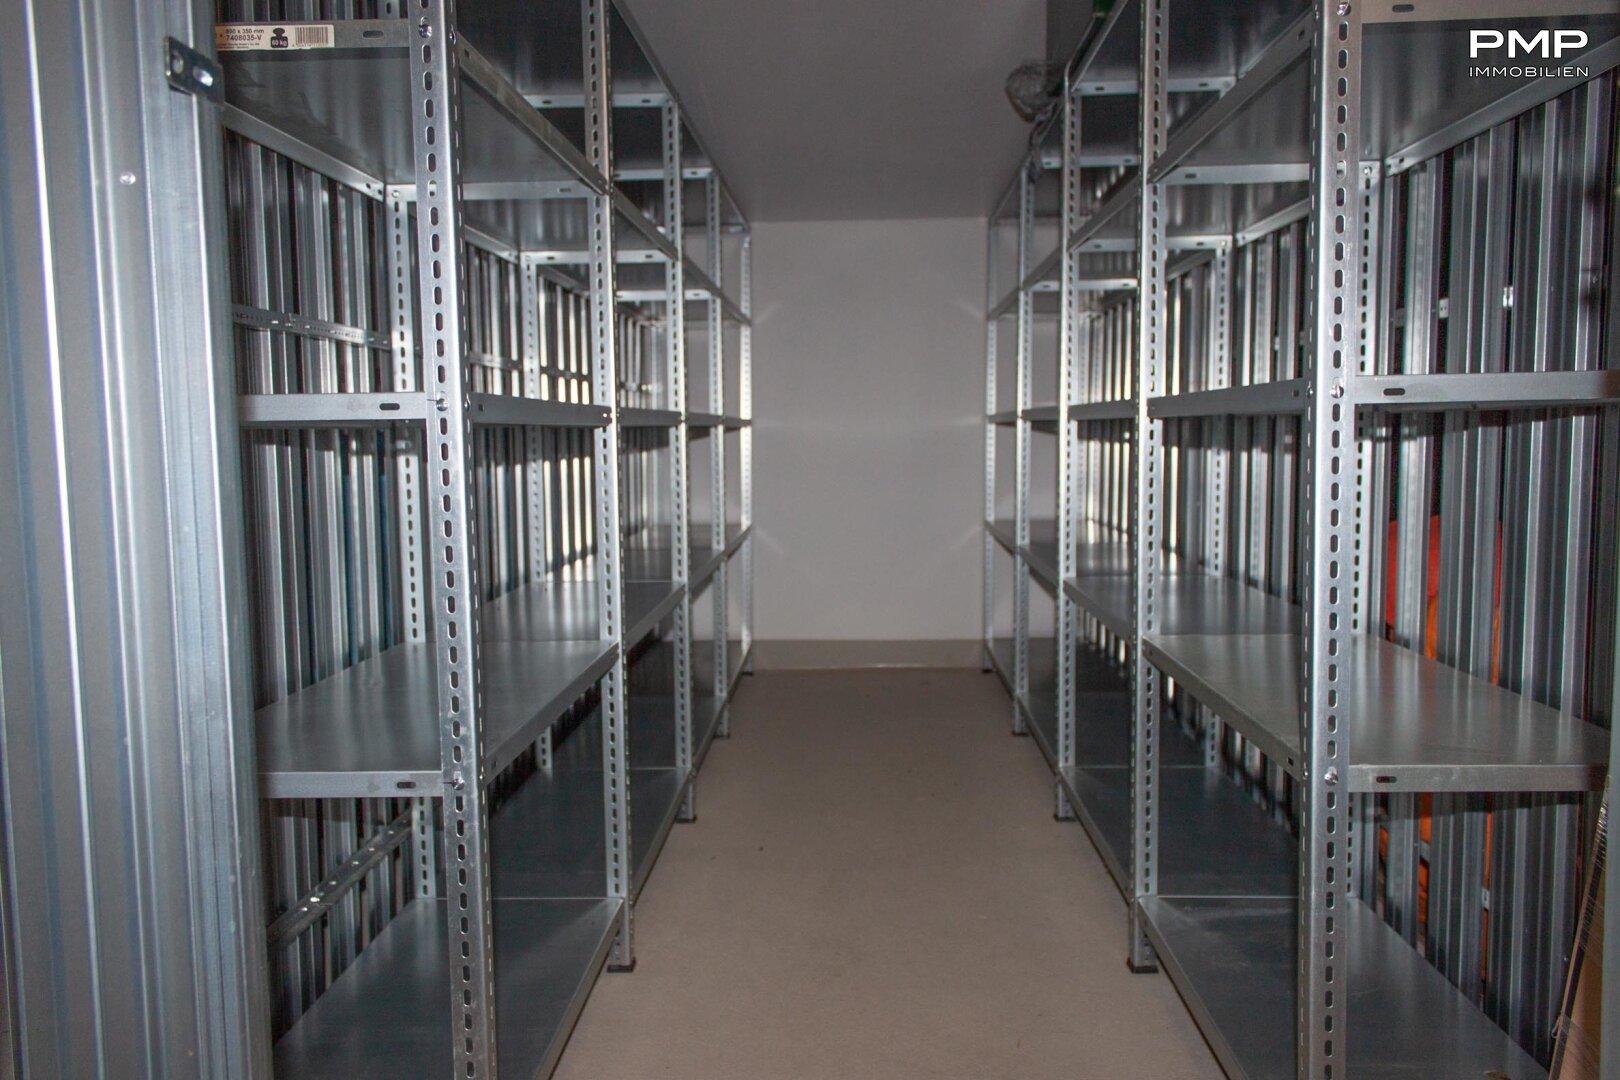 Kellerabteil - 6,10 m²